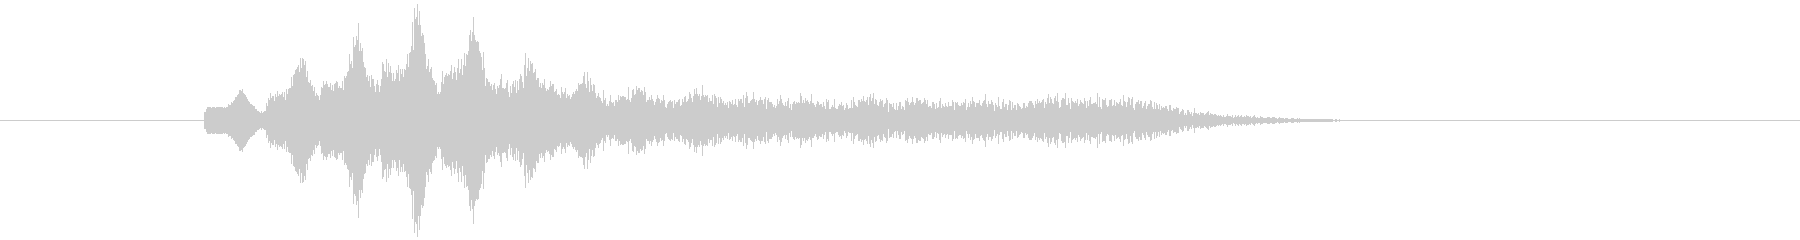 不気味なアルペジオ 6の未再生の波形